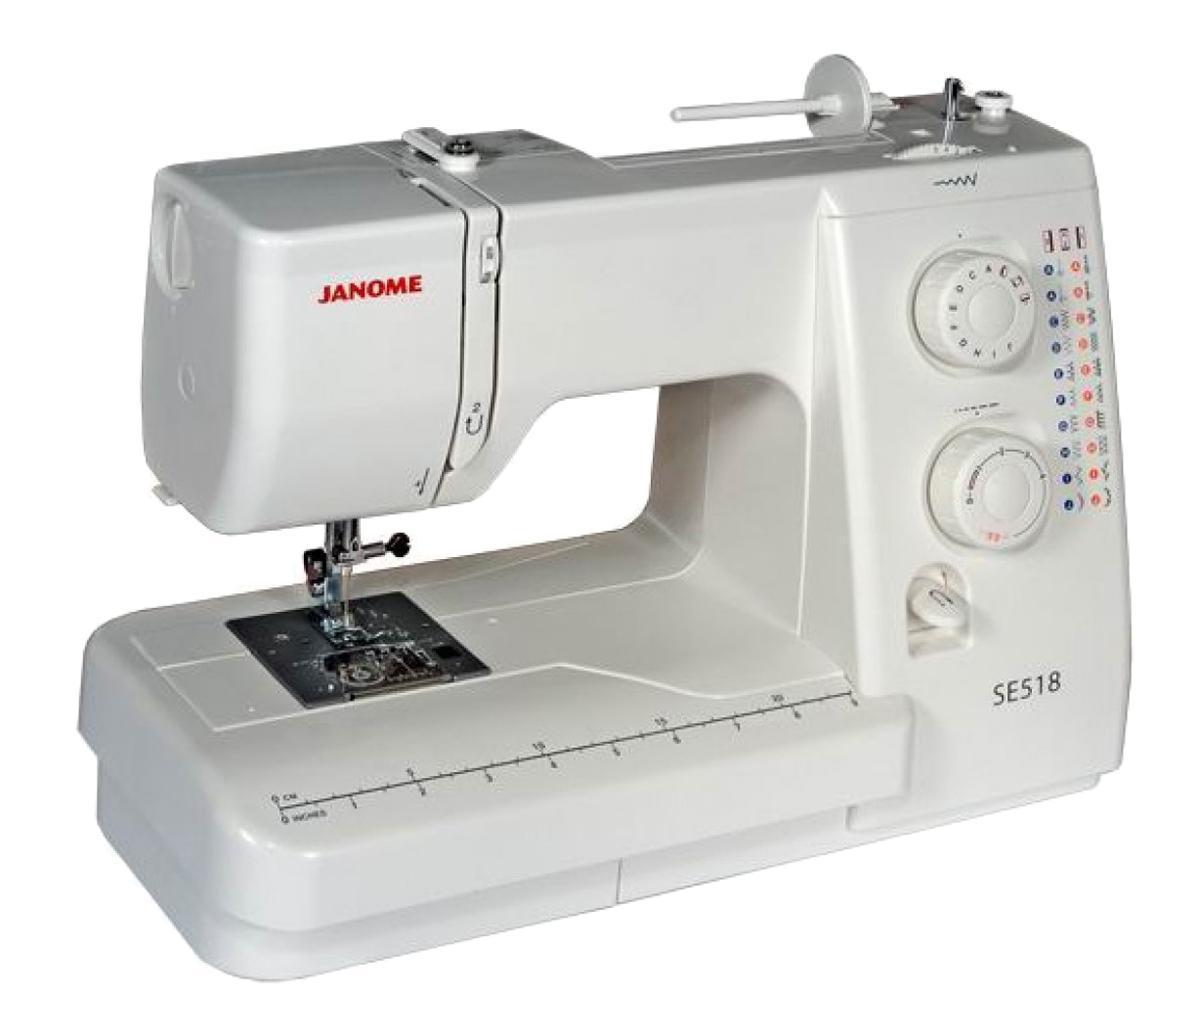 Janome SE 518 швейная машинаSE518Простая и удобная в эксплуатации швейная машина идеально подходит как для начинающих, так и для более опытных пользователей. Функция петля-полуавтомат позволит Вам быстро и качественно выполнить петли различной длины. Машина работает с различными видами тканей. С регулятором длины и ширины стежка Вам удастся еще больше разнообразить свою работу. Отличительные особенности: Электромеханическая швейная машина 21 швейная операция - рабочие строчки - потайные строчки - оверлочные строчки - трикотажные строчки - декоративные строчки - петля-полуавтомат - Регулировка длины стежка от 0 до 4 мм - Регулировка ширины зигзага до 5 мм - Регулятор натяжения верхней нити - Горизонтальный челнок - Рычаг обратного хода - Переключатель регулятора скорости на педали - Легко пристегивающаяся лапка - Дополнительный подъём лапки - Регулятор давления лапки на ткань ...